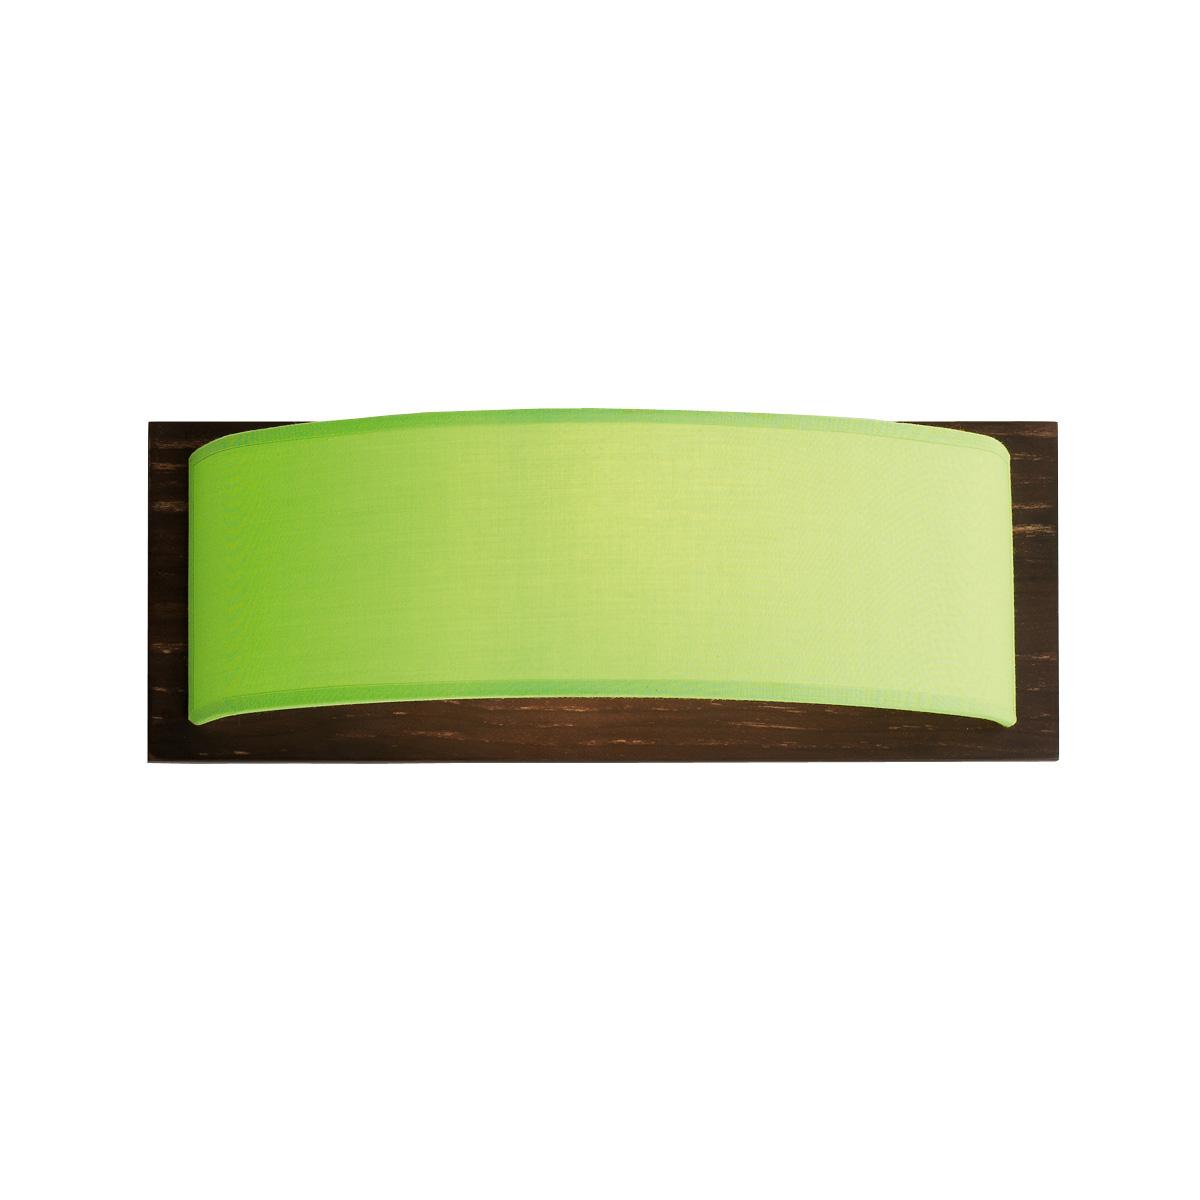 Απλίκα με πράσινο καπέλο DISCO ZEN wall lamp with green shade